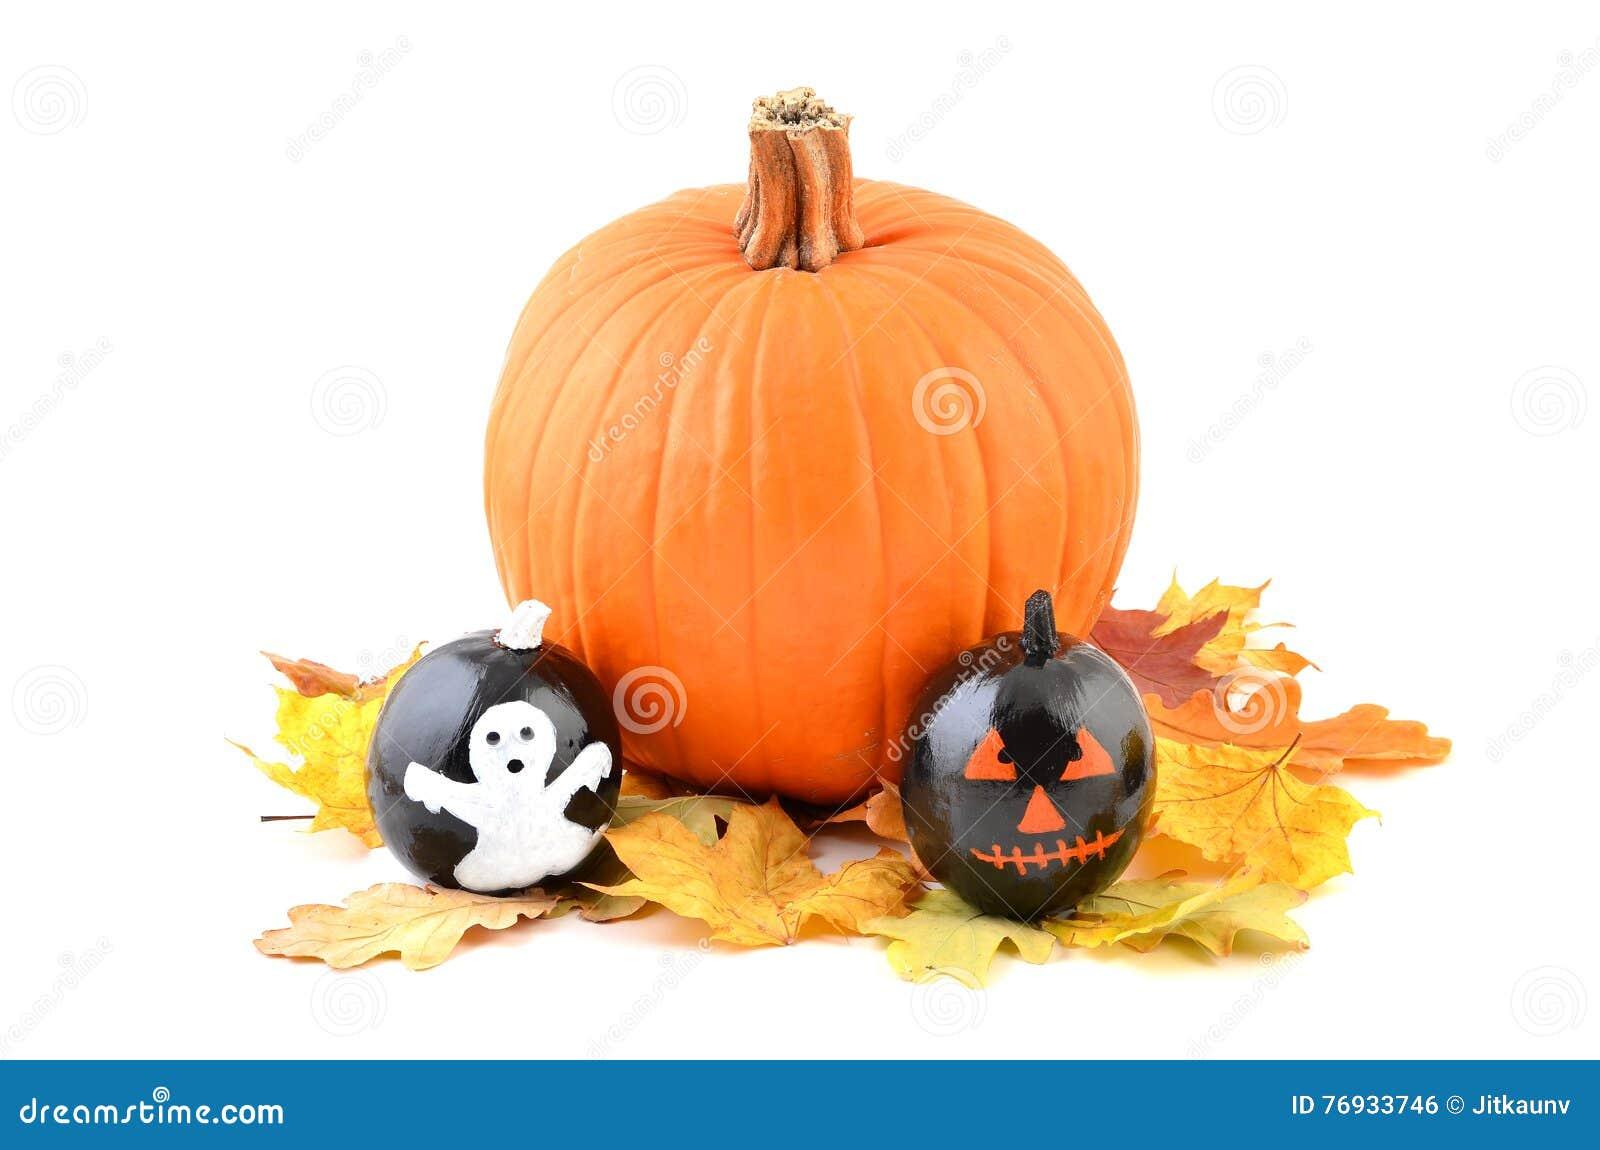 Calabazas pintadas de halloween foto de archivo imagen 76933746 - Calabazas de halloween pintadas ...